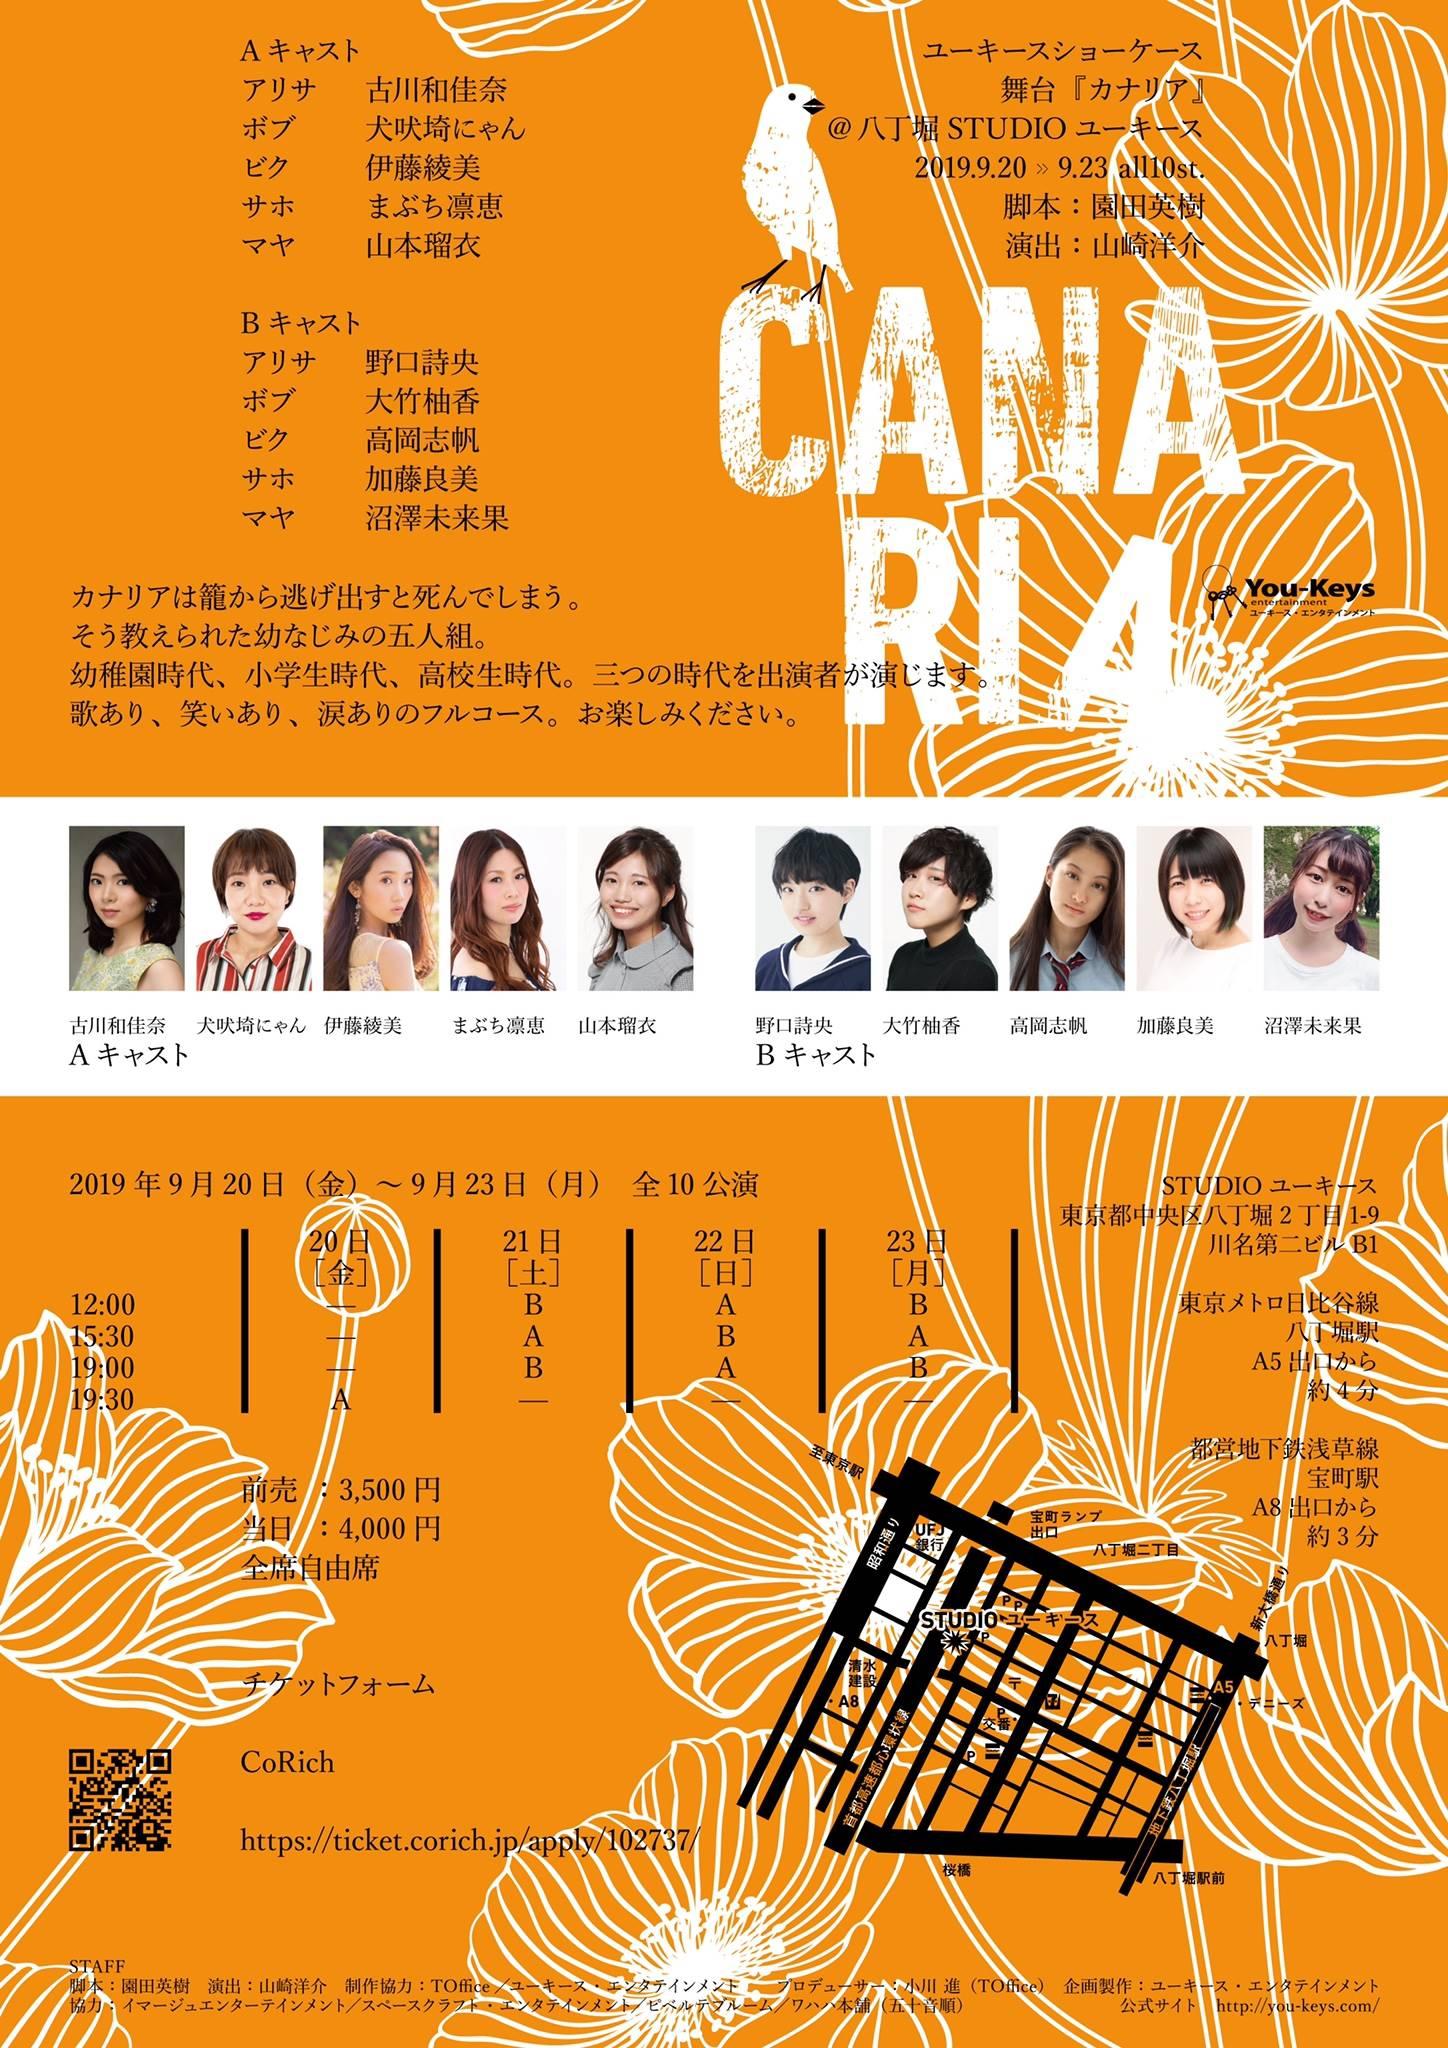 【犬吠埼にゃん出演】舞台「カナリア」情報